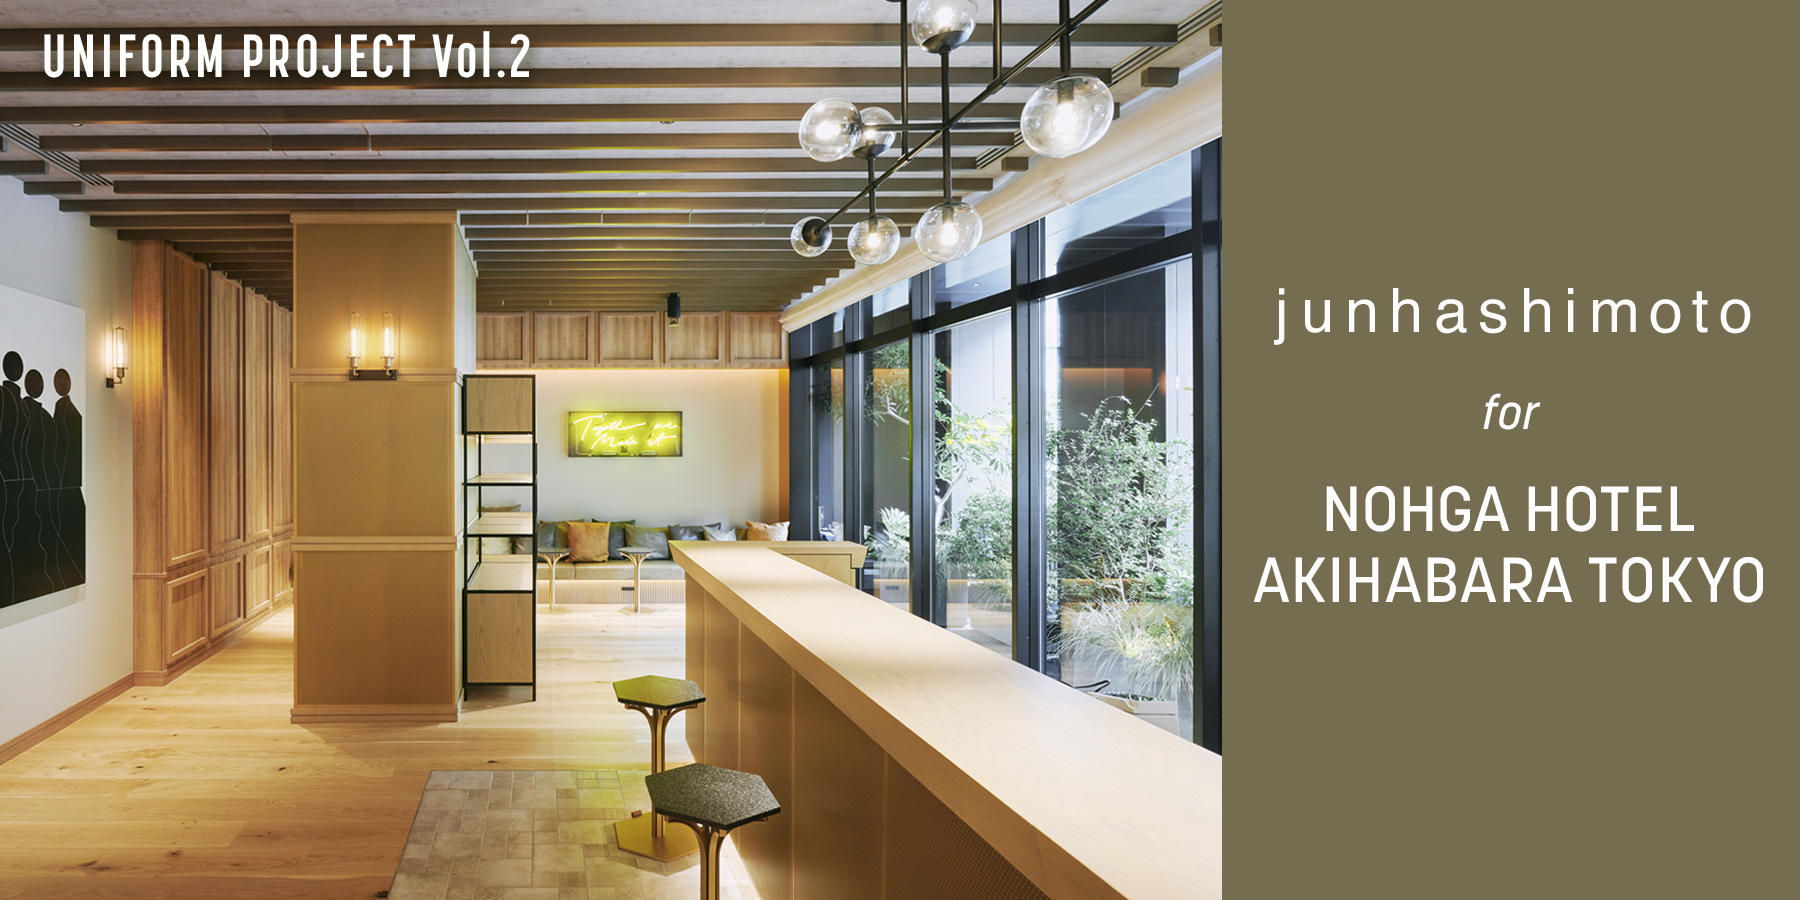 junhashimoto for NOHGA HOTEL AKIHABARA TOKYO